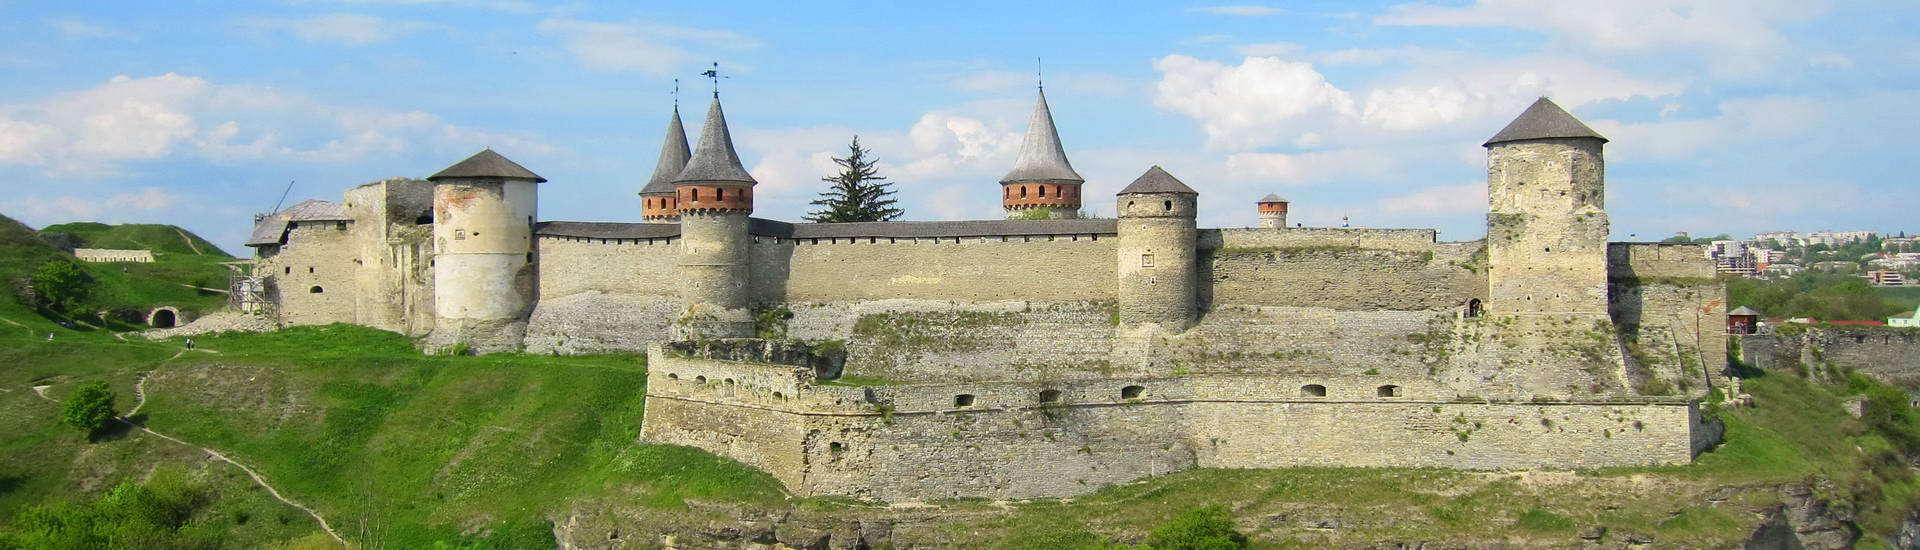 Кам'янець-Подільська фортеця, панорама